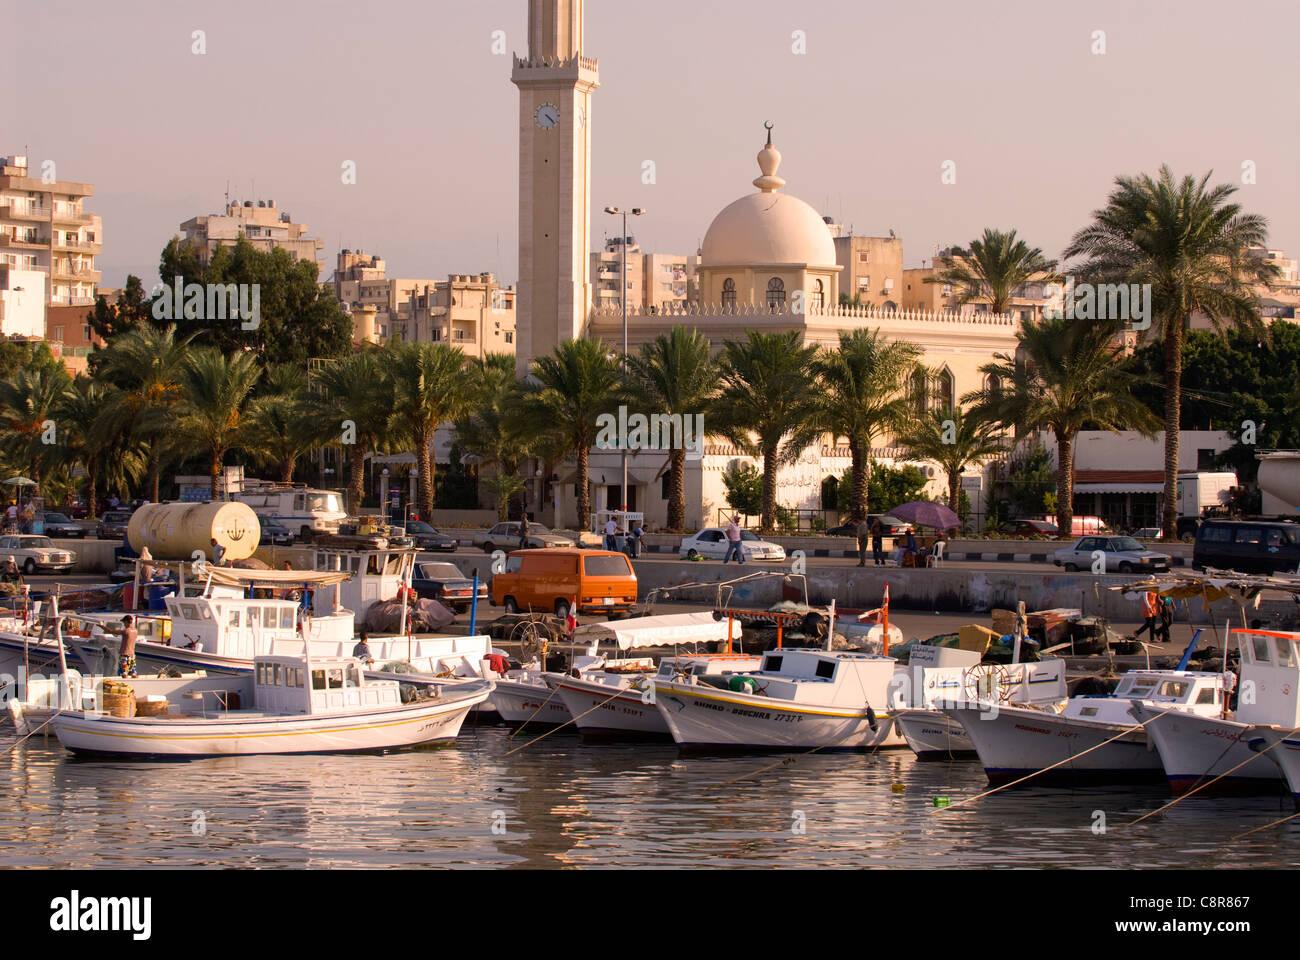 Area portuale (Al-Mina), Tripoli (Trablous), nel nord del Libano. Immagini Stock